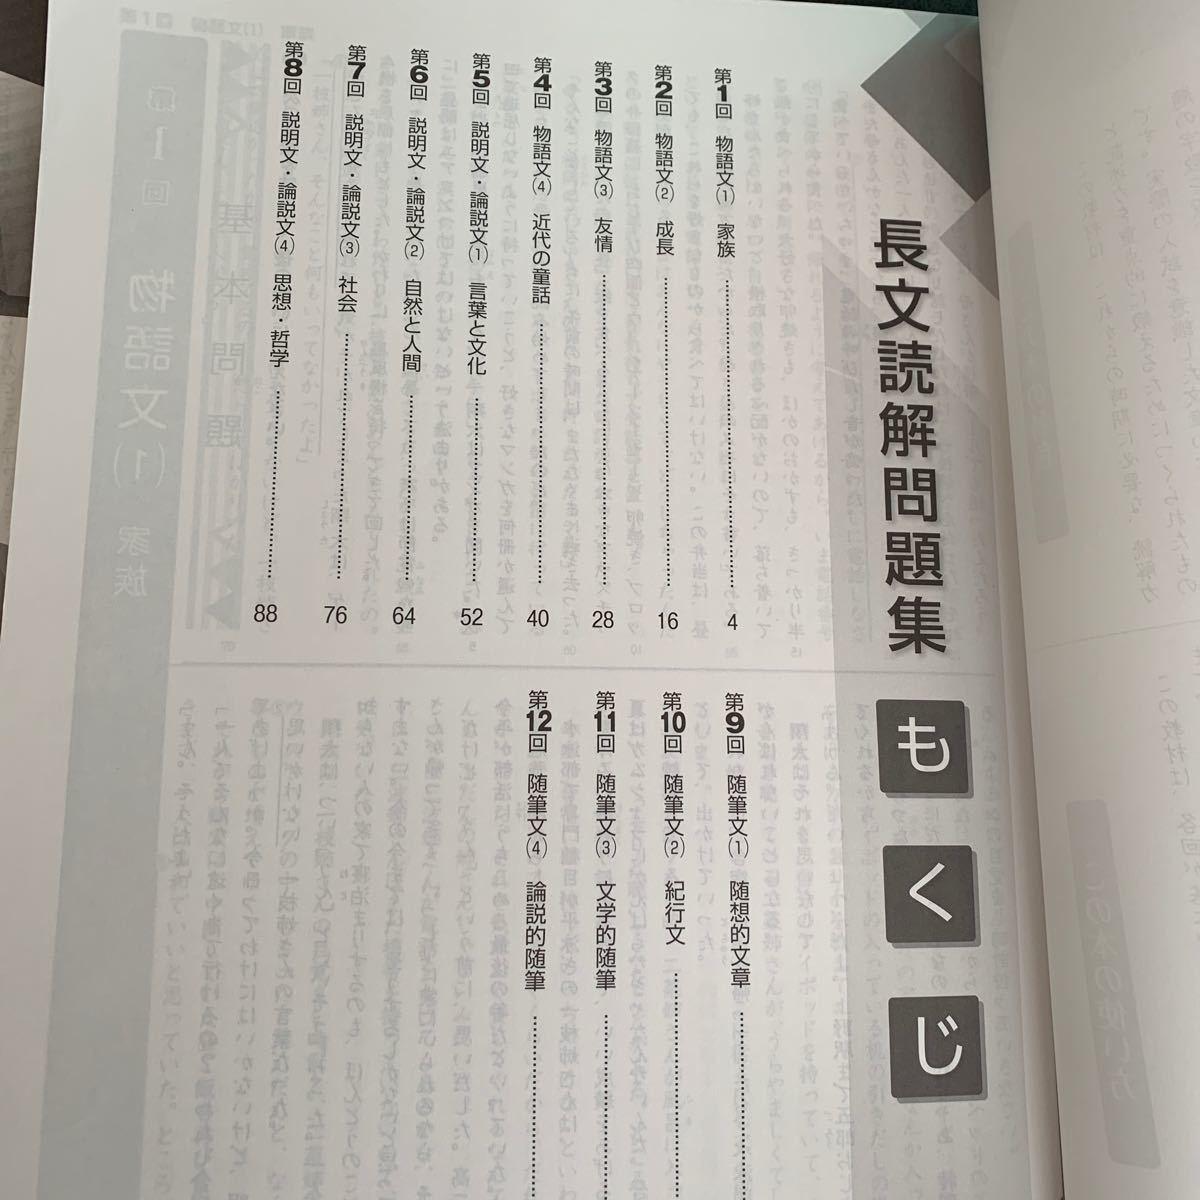 中学受験 新演習 長文読解 問題集 小5 小6